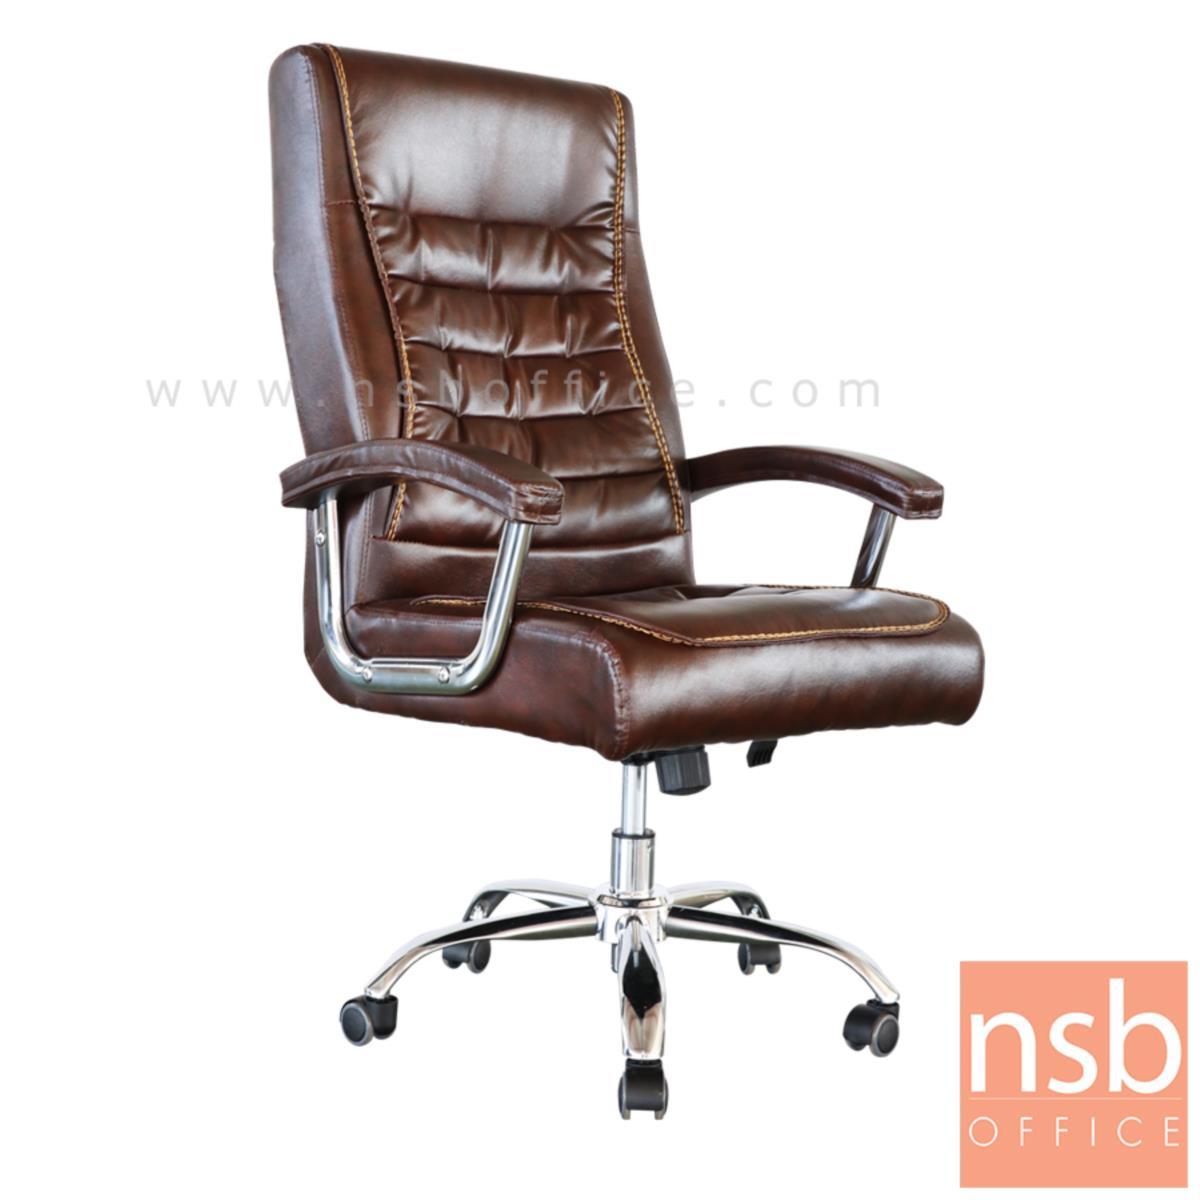 B01A516:เก้าอี้ผู้บริหาร รุ่น Maglorix (แมคโลริค) ขาเหล็กชุบโครเมี่ยม